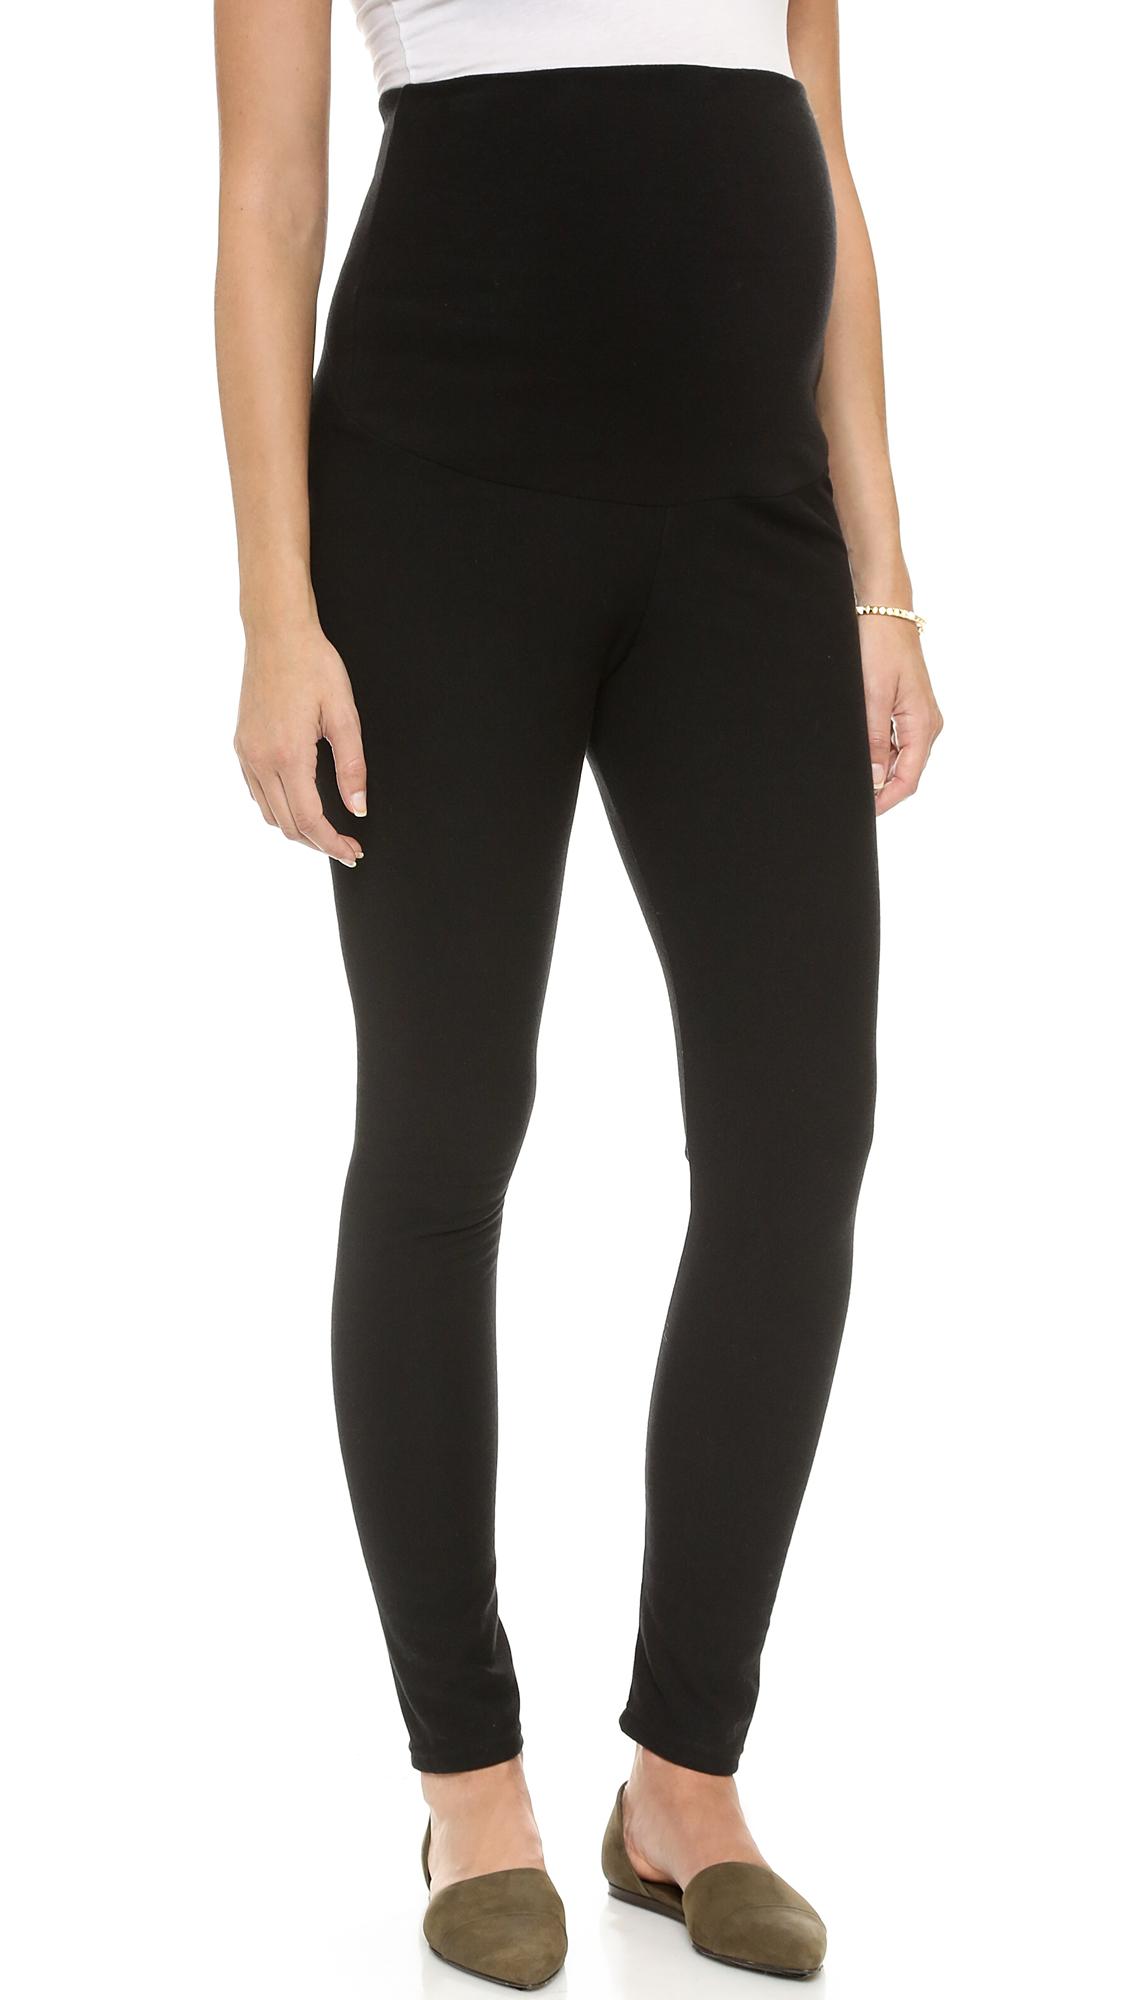 Plush Fleece Lined Maternity Leggings - Black